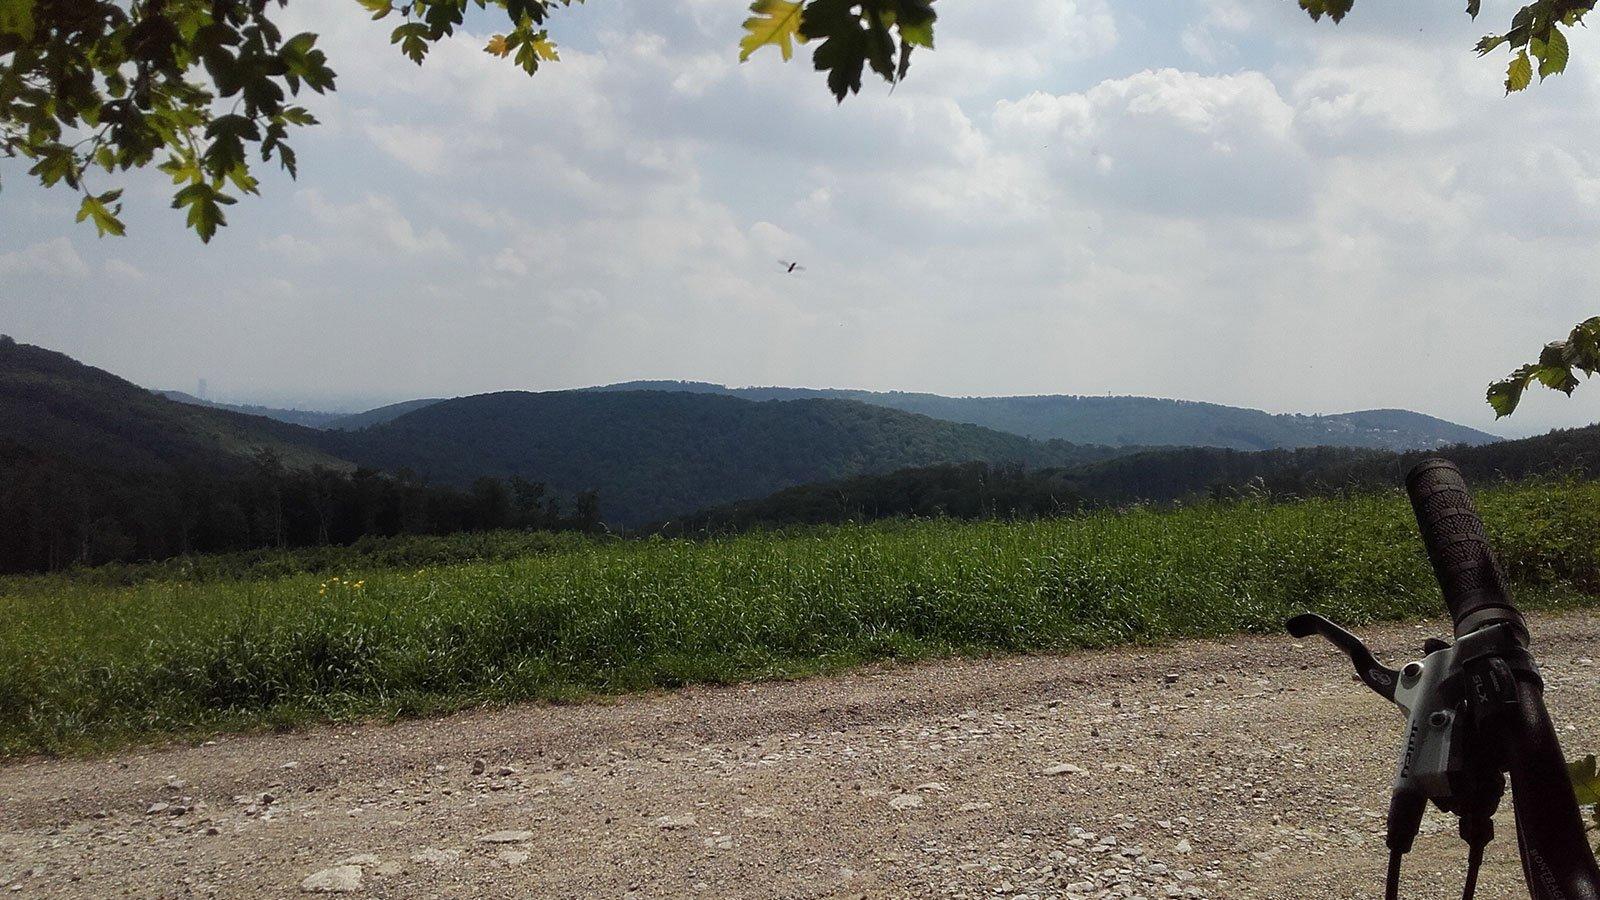 Biosphärenpark-Wienerwald